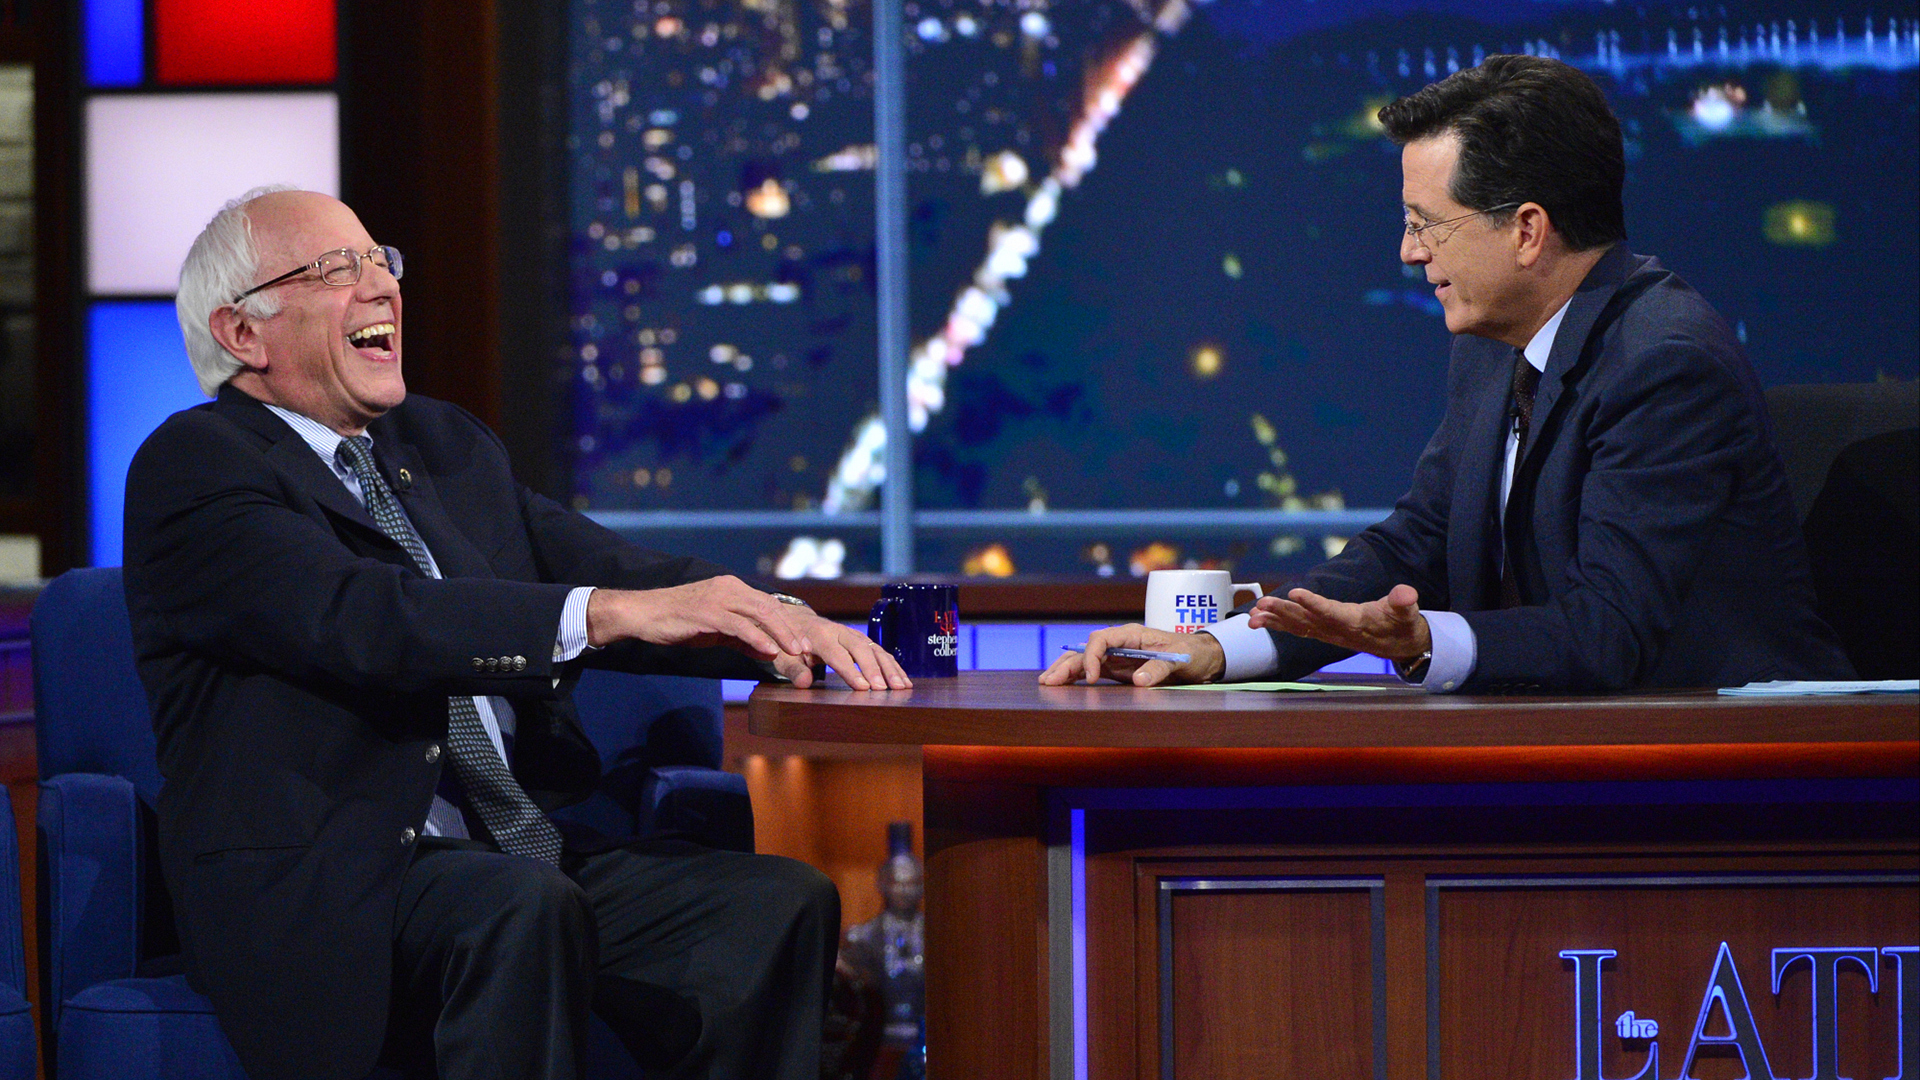 Bernie Sanders and Stephen Colbert